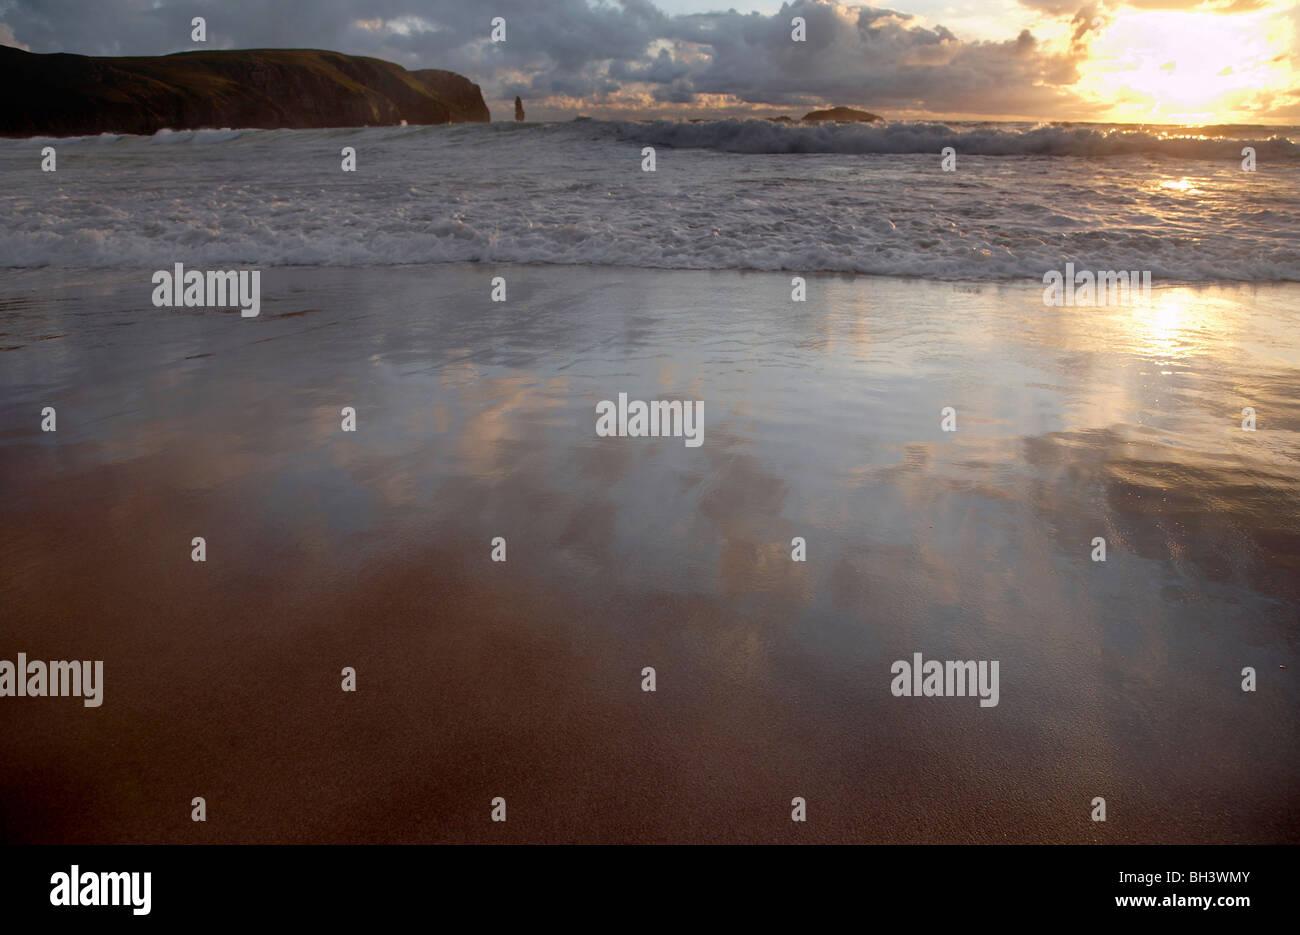 Espumantes y estoy Buachaille surf mar pila en la Bahía de Sandwood. Foto de stock